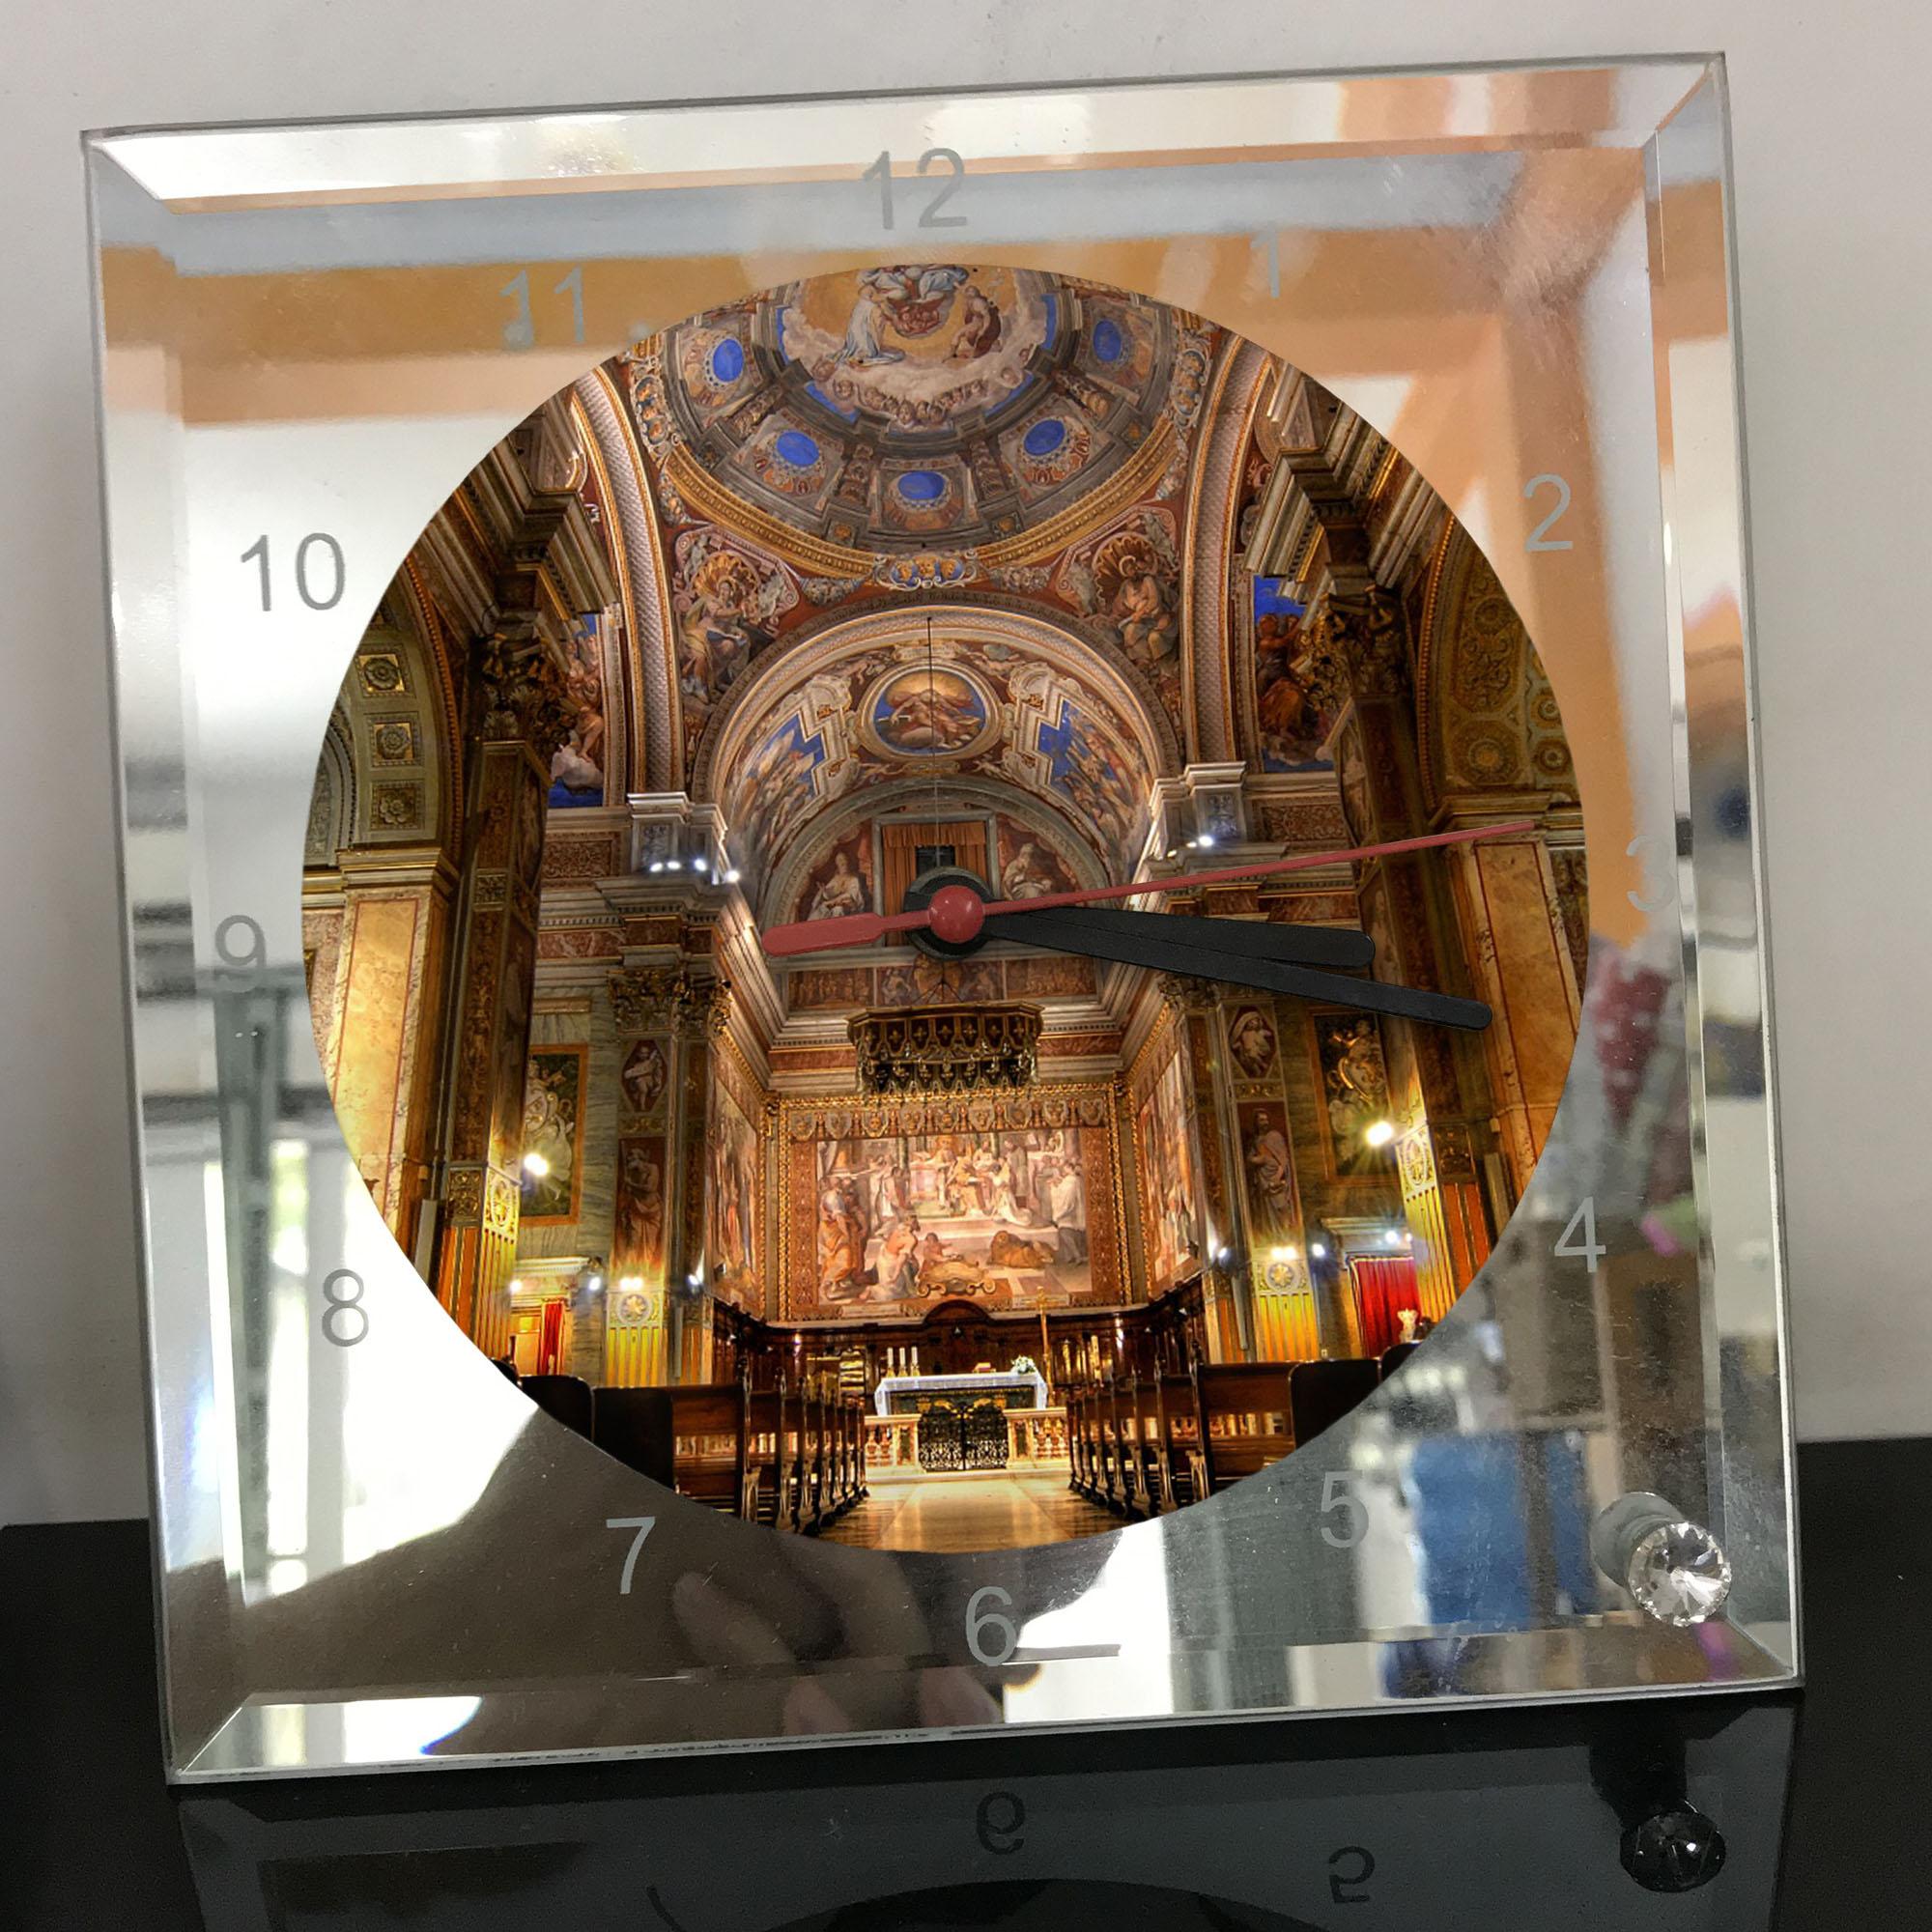 Đồng hồ thủy tinh vuông 20x20 in hình Cathedral - nhà thờ chính tòa (37) . Đồng hồ thủy tinh để bàn trang trí đẹp chủ đề tôn giáo